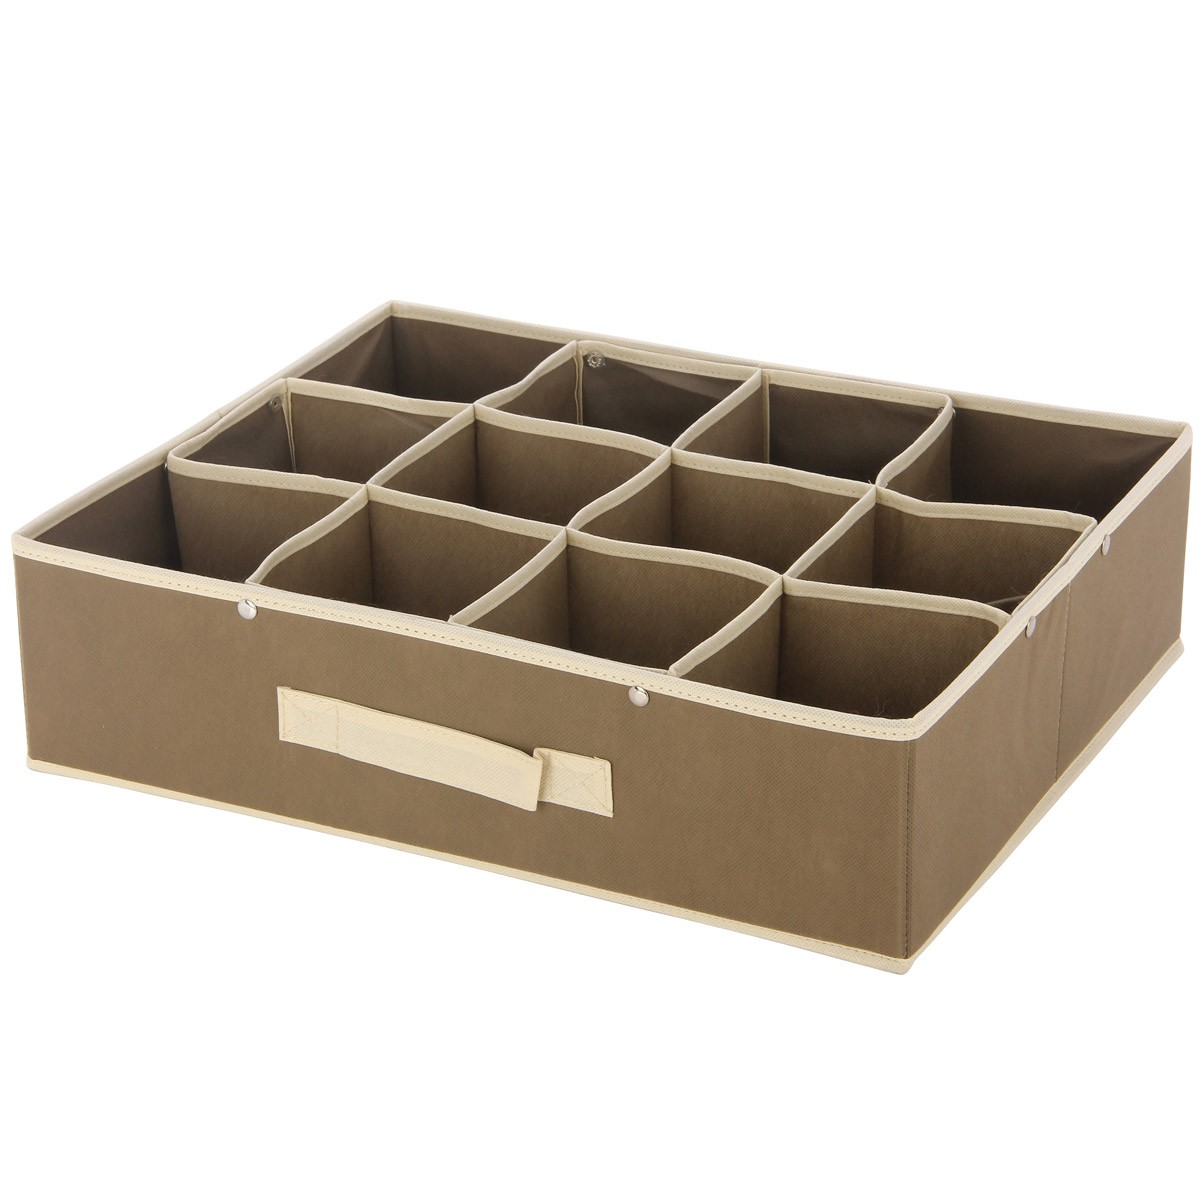 Κουτί Τακτοποίησης 12 Θέσεων εstia 03-0721 Brown home   κρεβατοκάμαρα   οργάνωση ντουλάπας